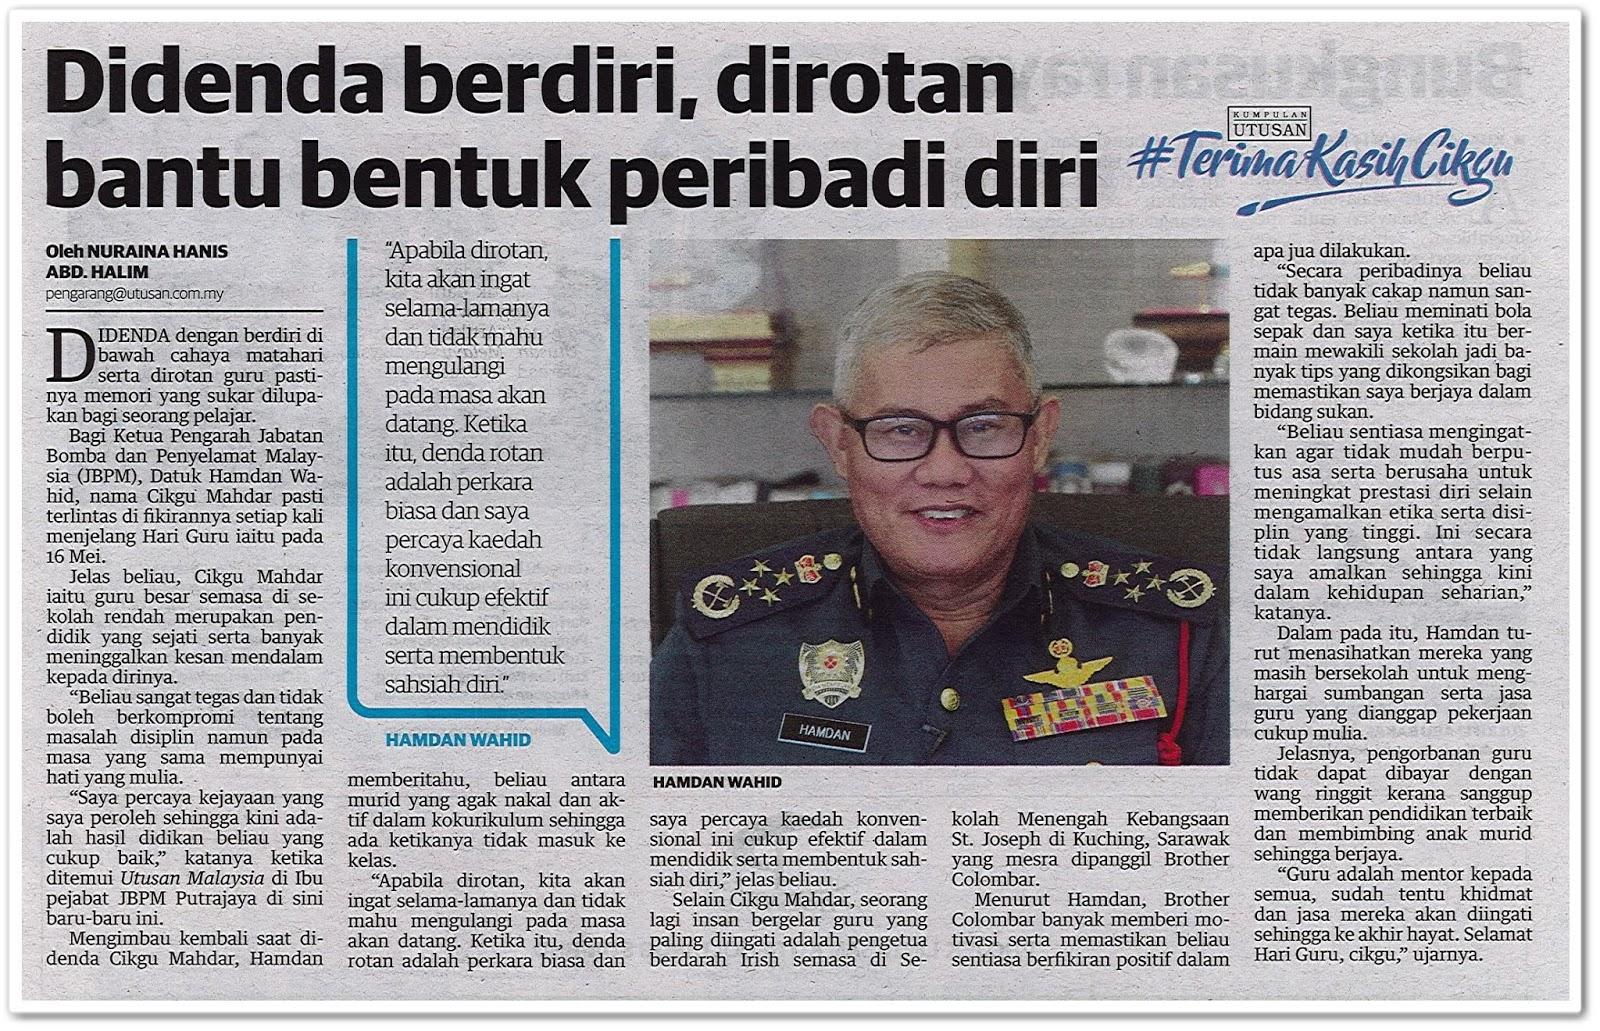 Didenda berdiri, dirotan bantu bentuk peribadi diri - Keratan akhbar Utusan Malaysia 15 Mei 2019